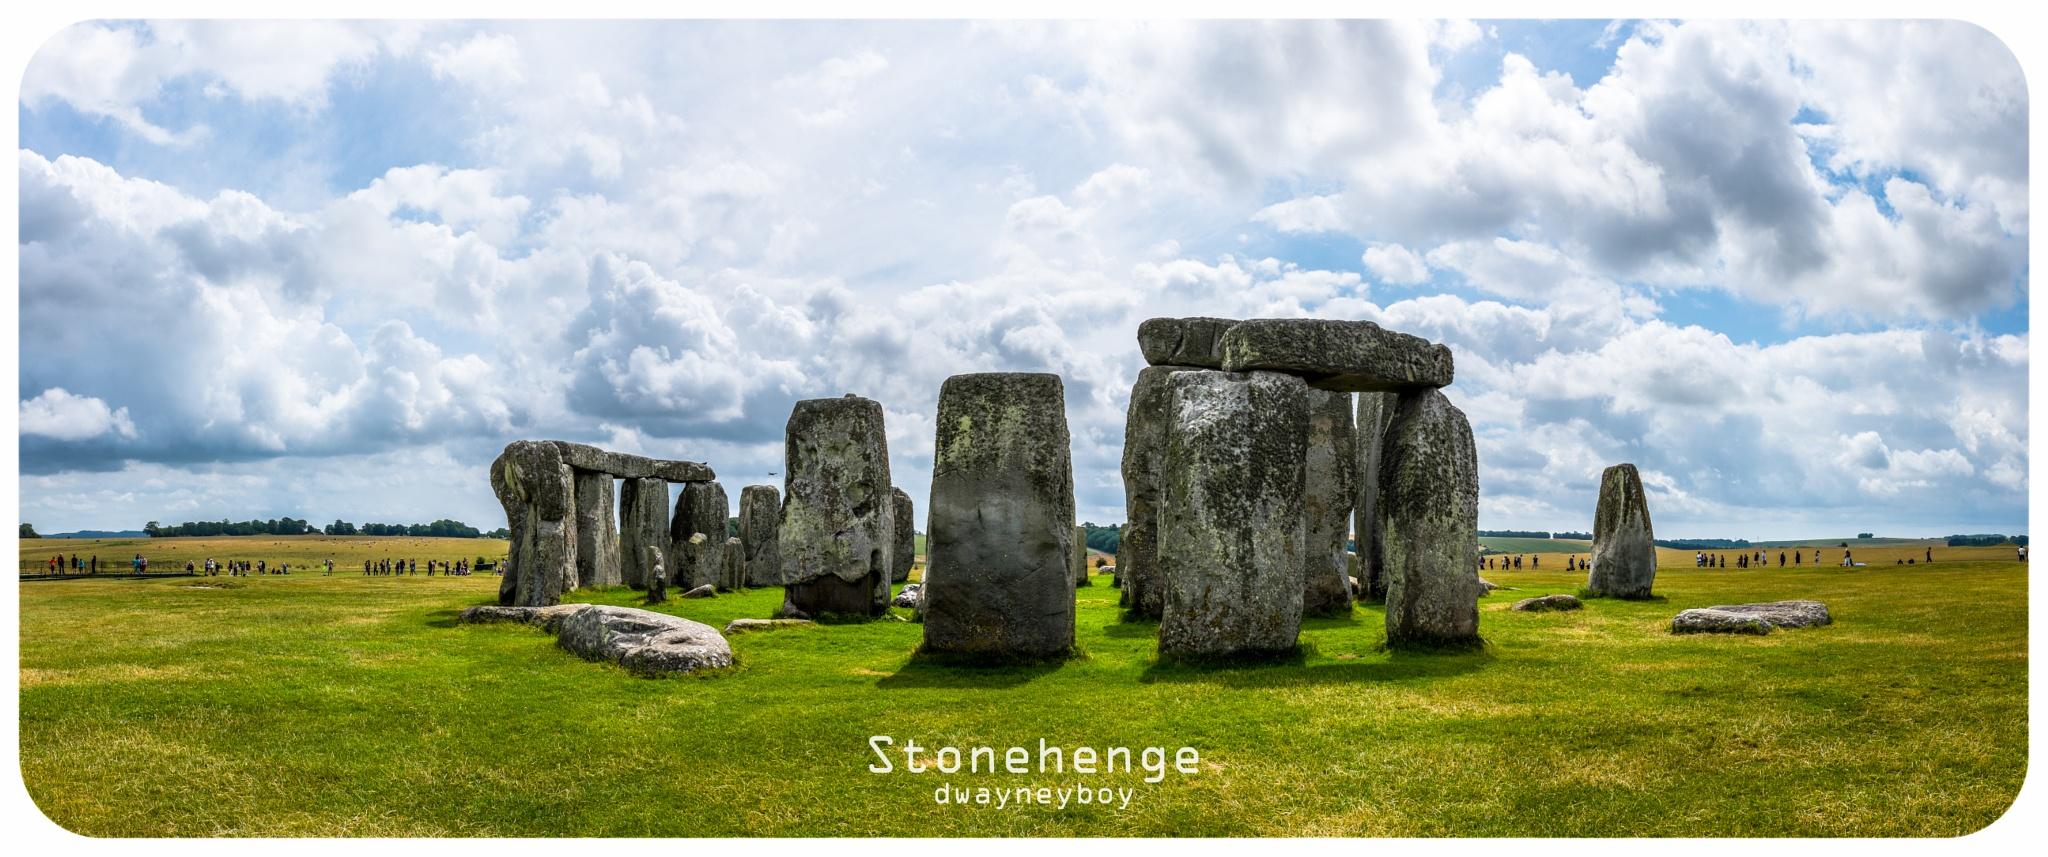 Stonehenge by Dwayne Ng